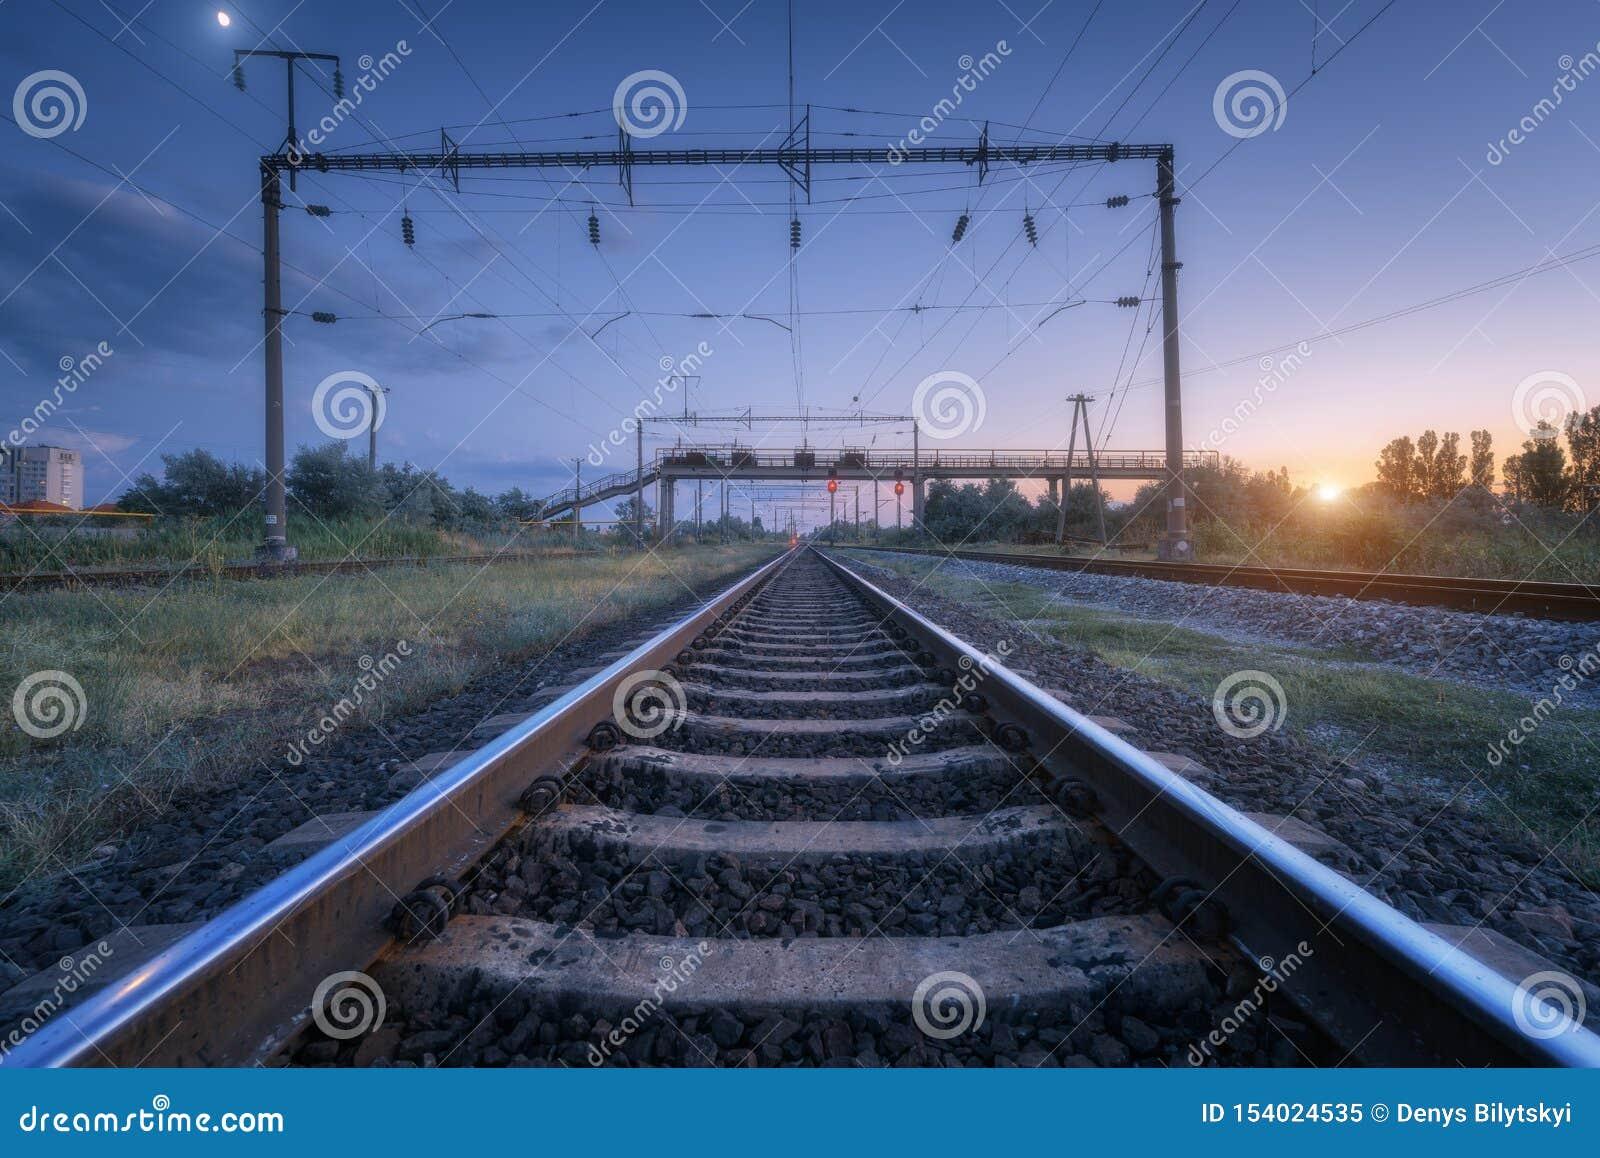 Paesaggio industriale rurale di estate con la stazione ferroviaria al tramonto